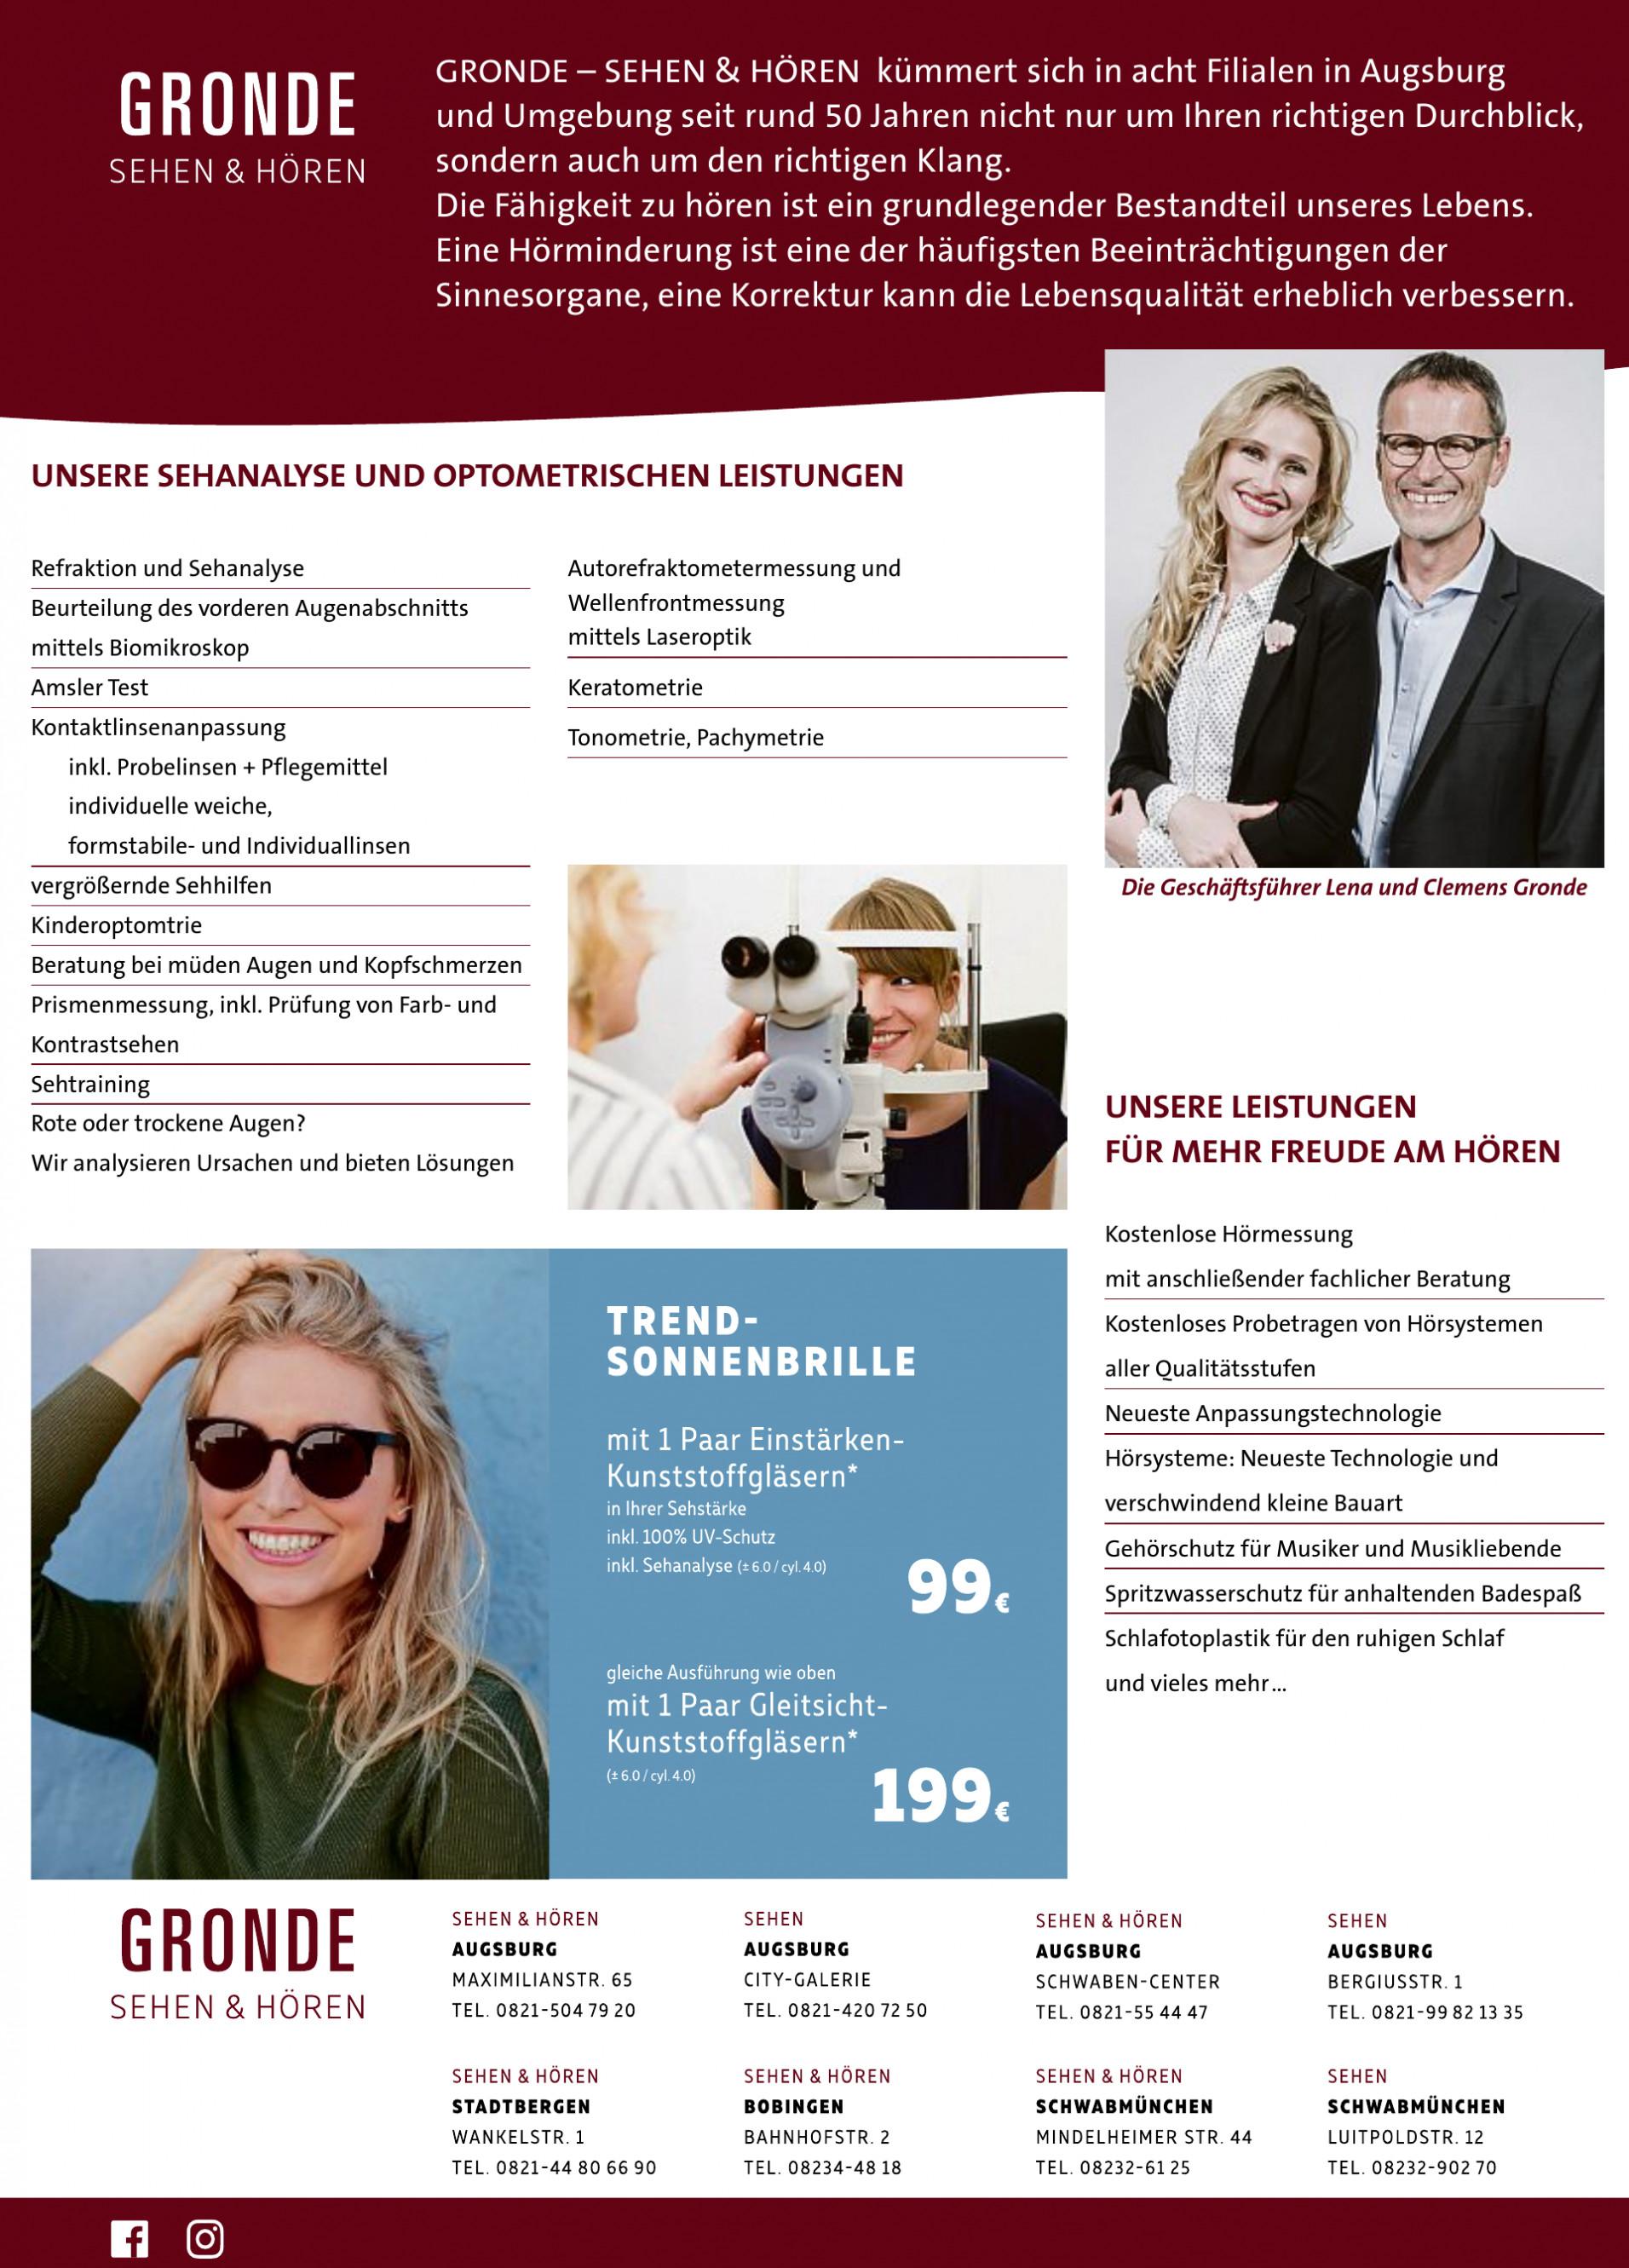 Gronde sehen+hören GmbH